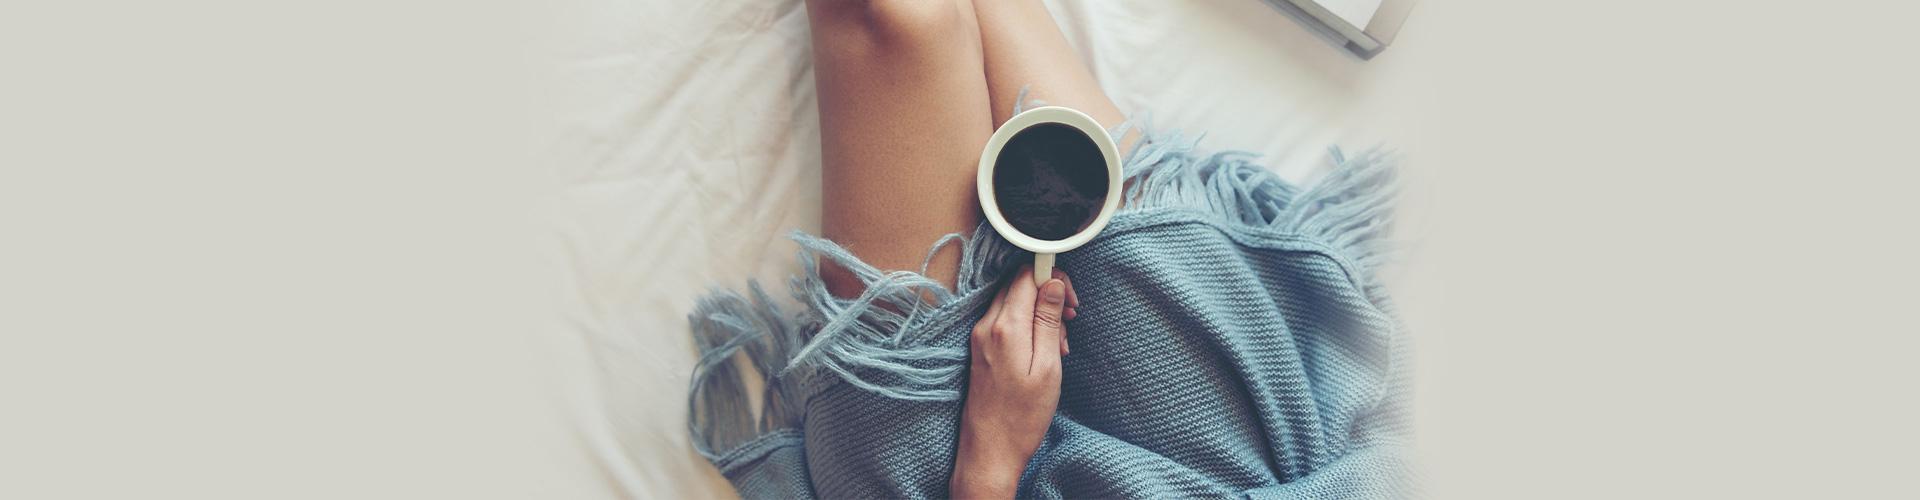 koffie thuis mister barish